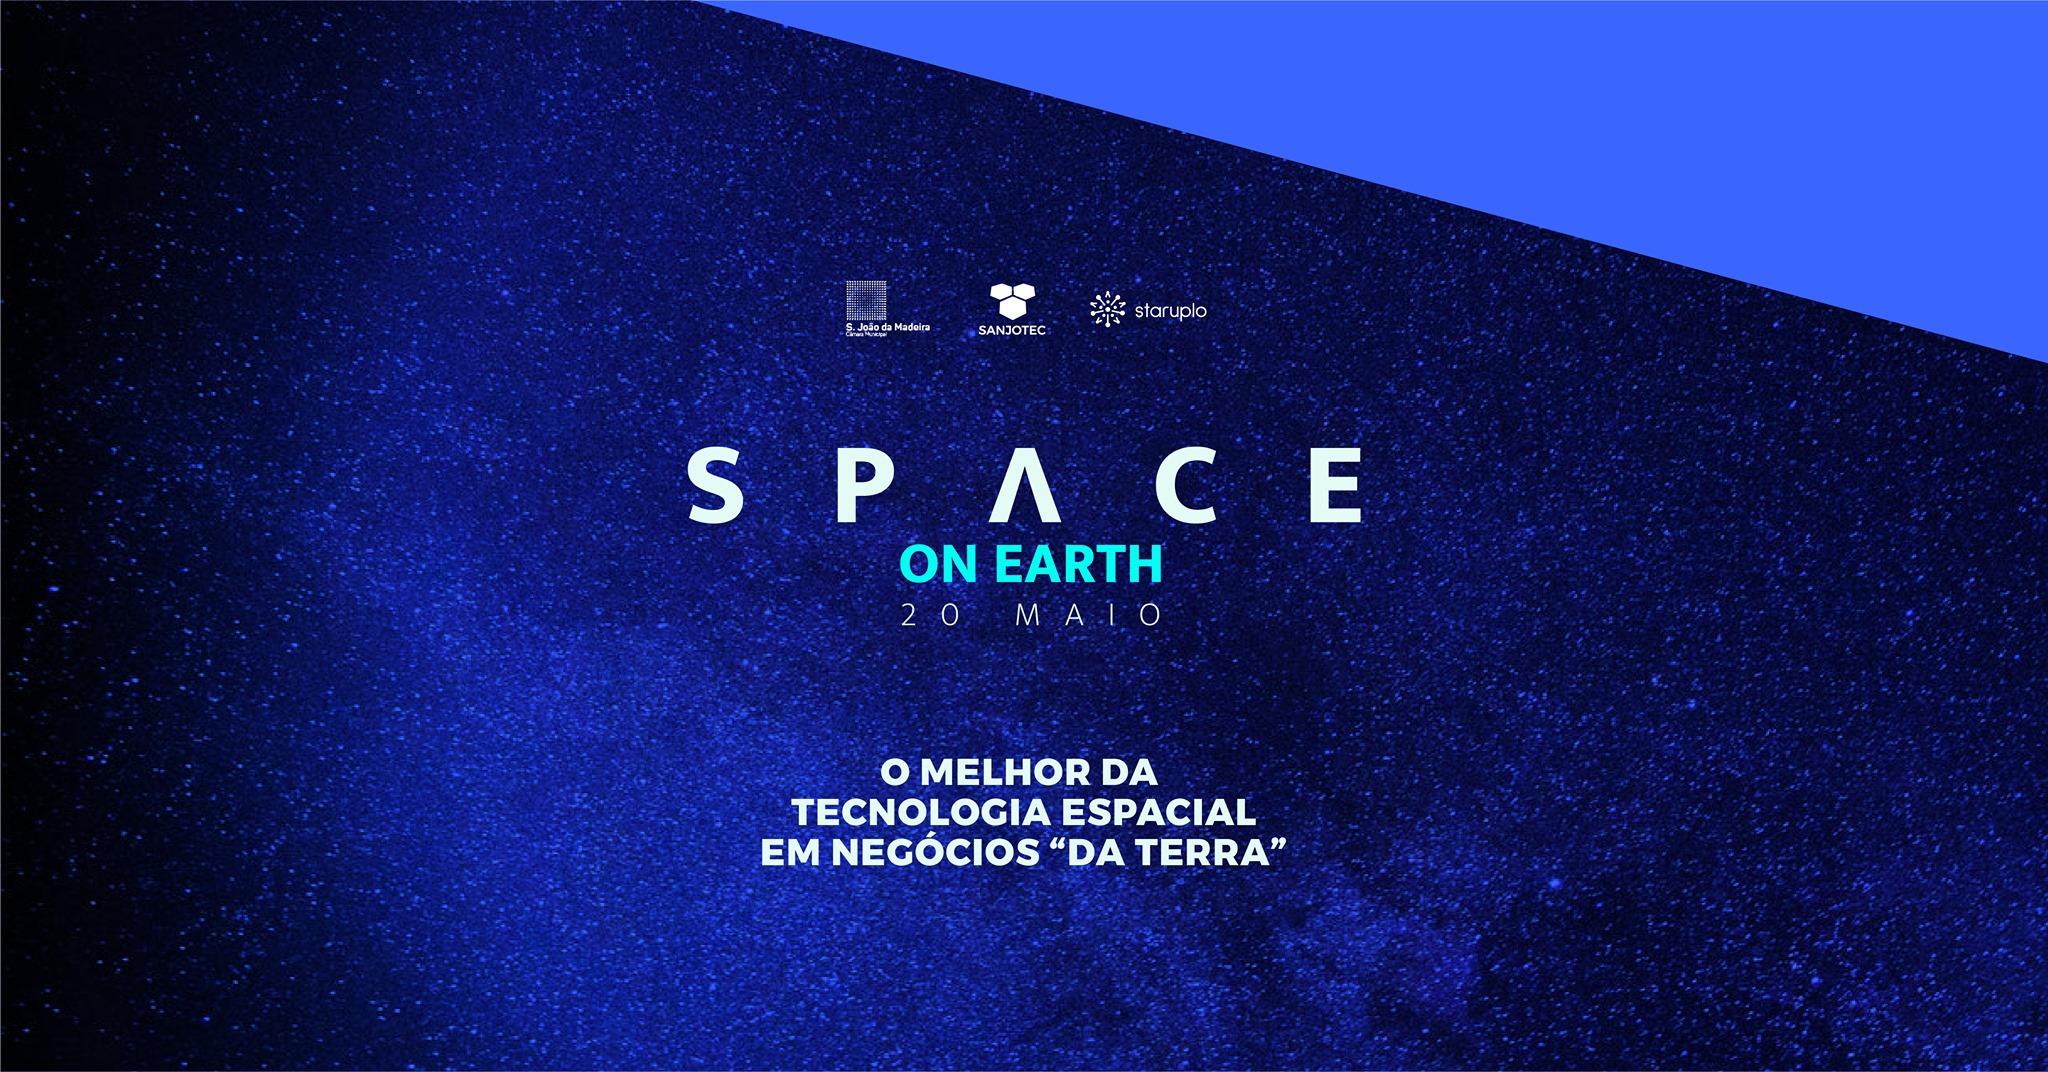 Space On Earth | Tecnologia Espacial em negócios 'da Terra'